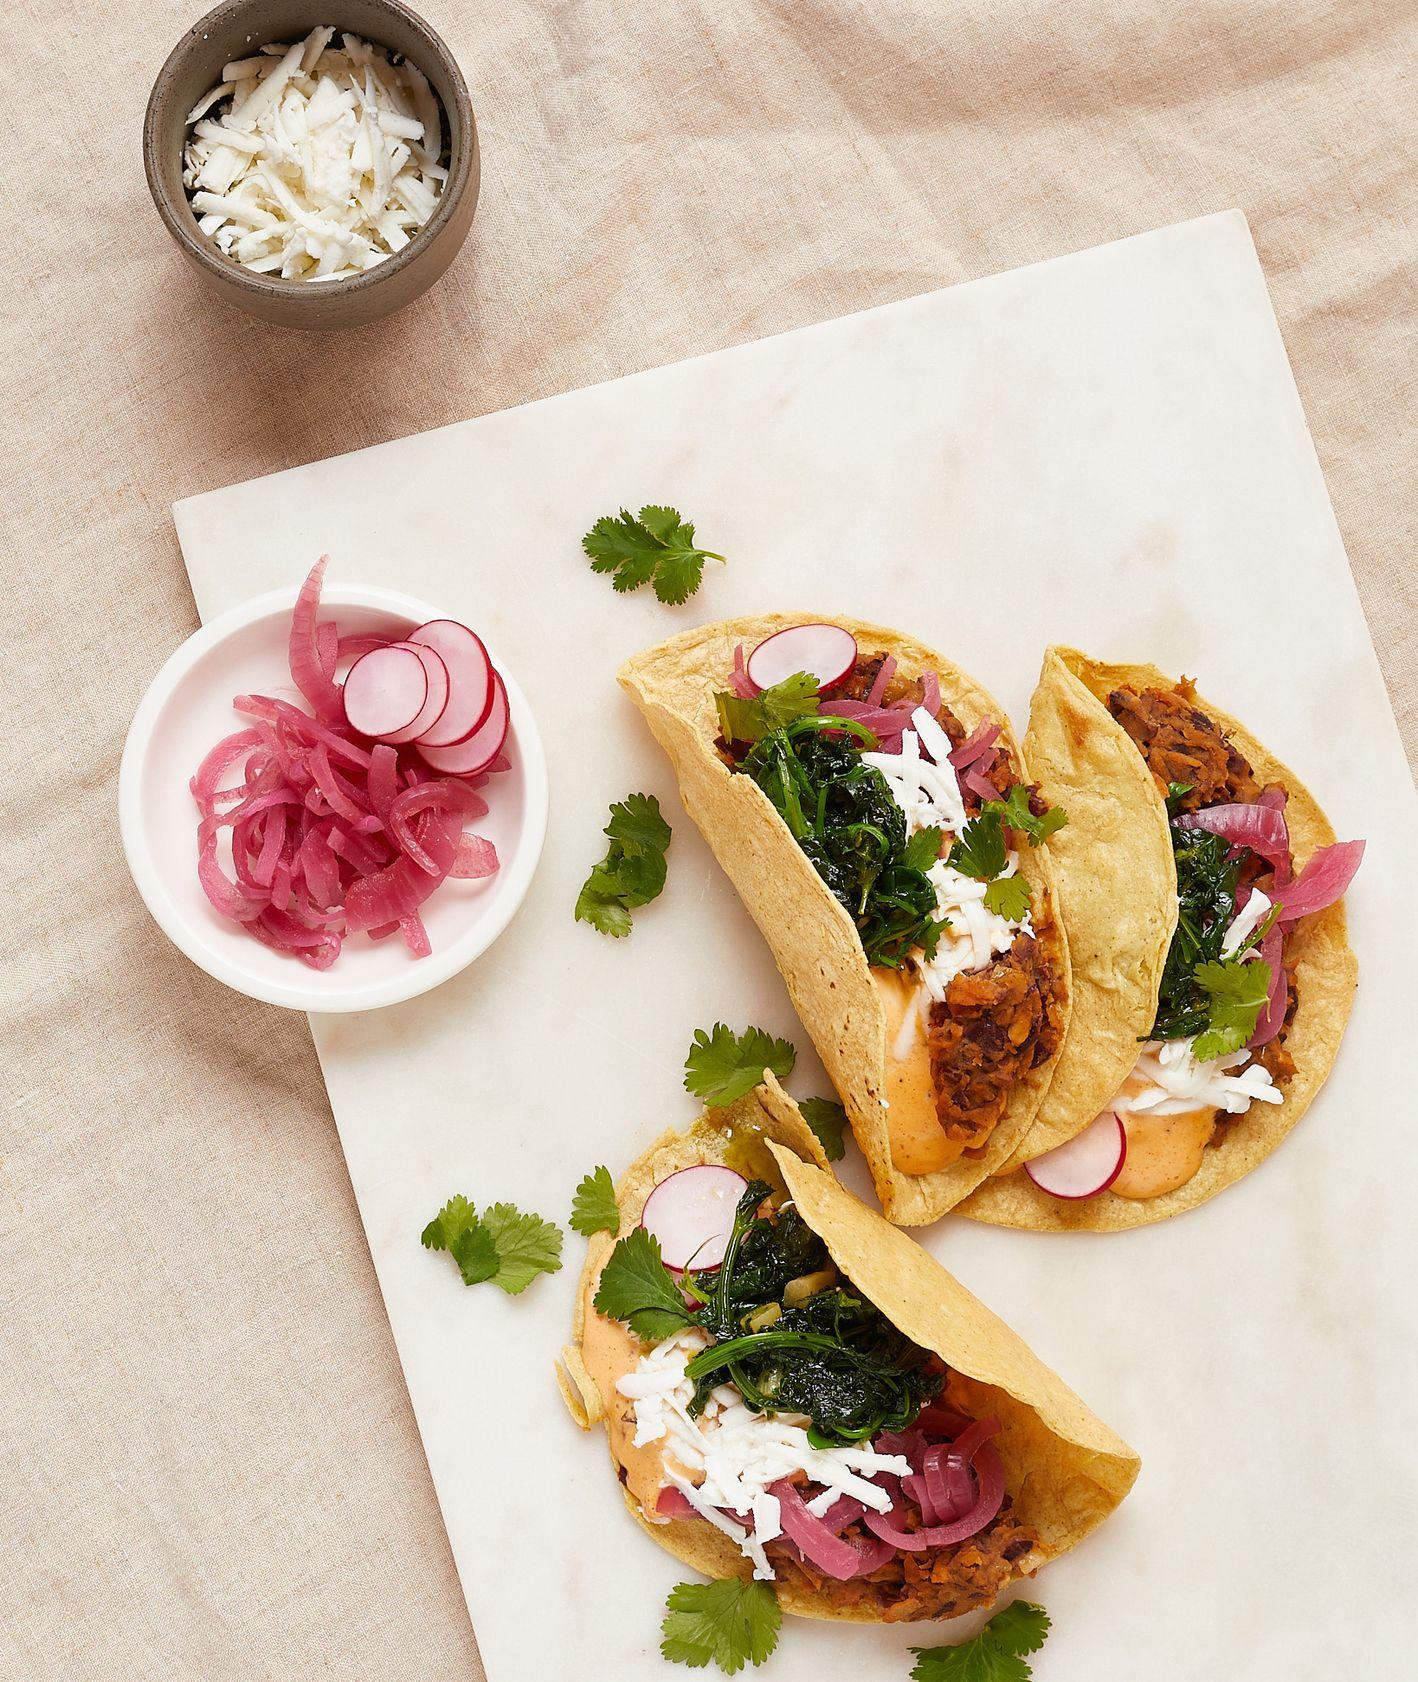 Przepis – tacos zquelites, pomysł na tacos, Targ Kręgliccy (fot. Maciek Niemojewski)